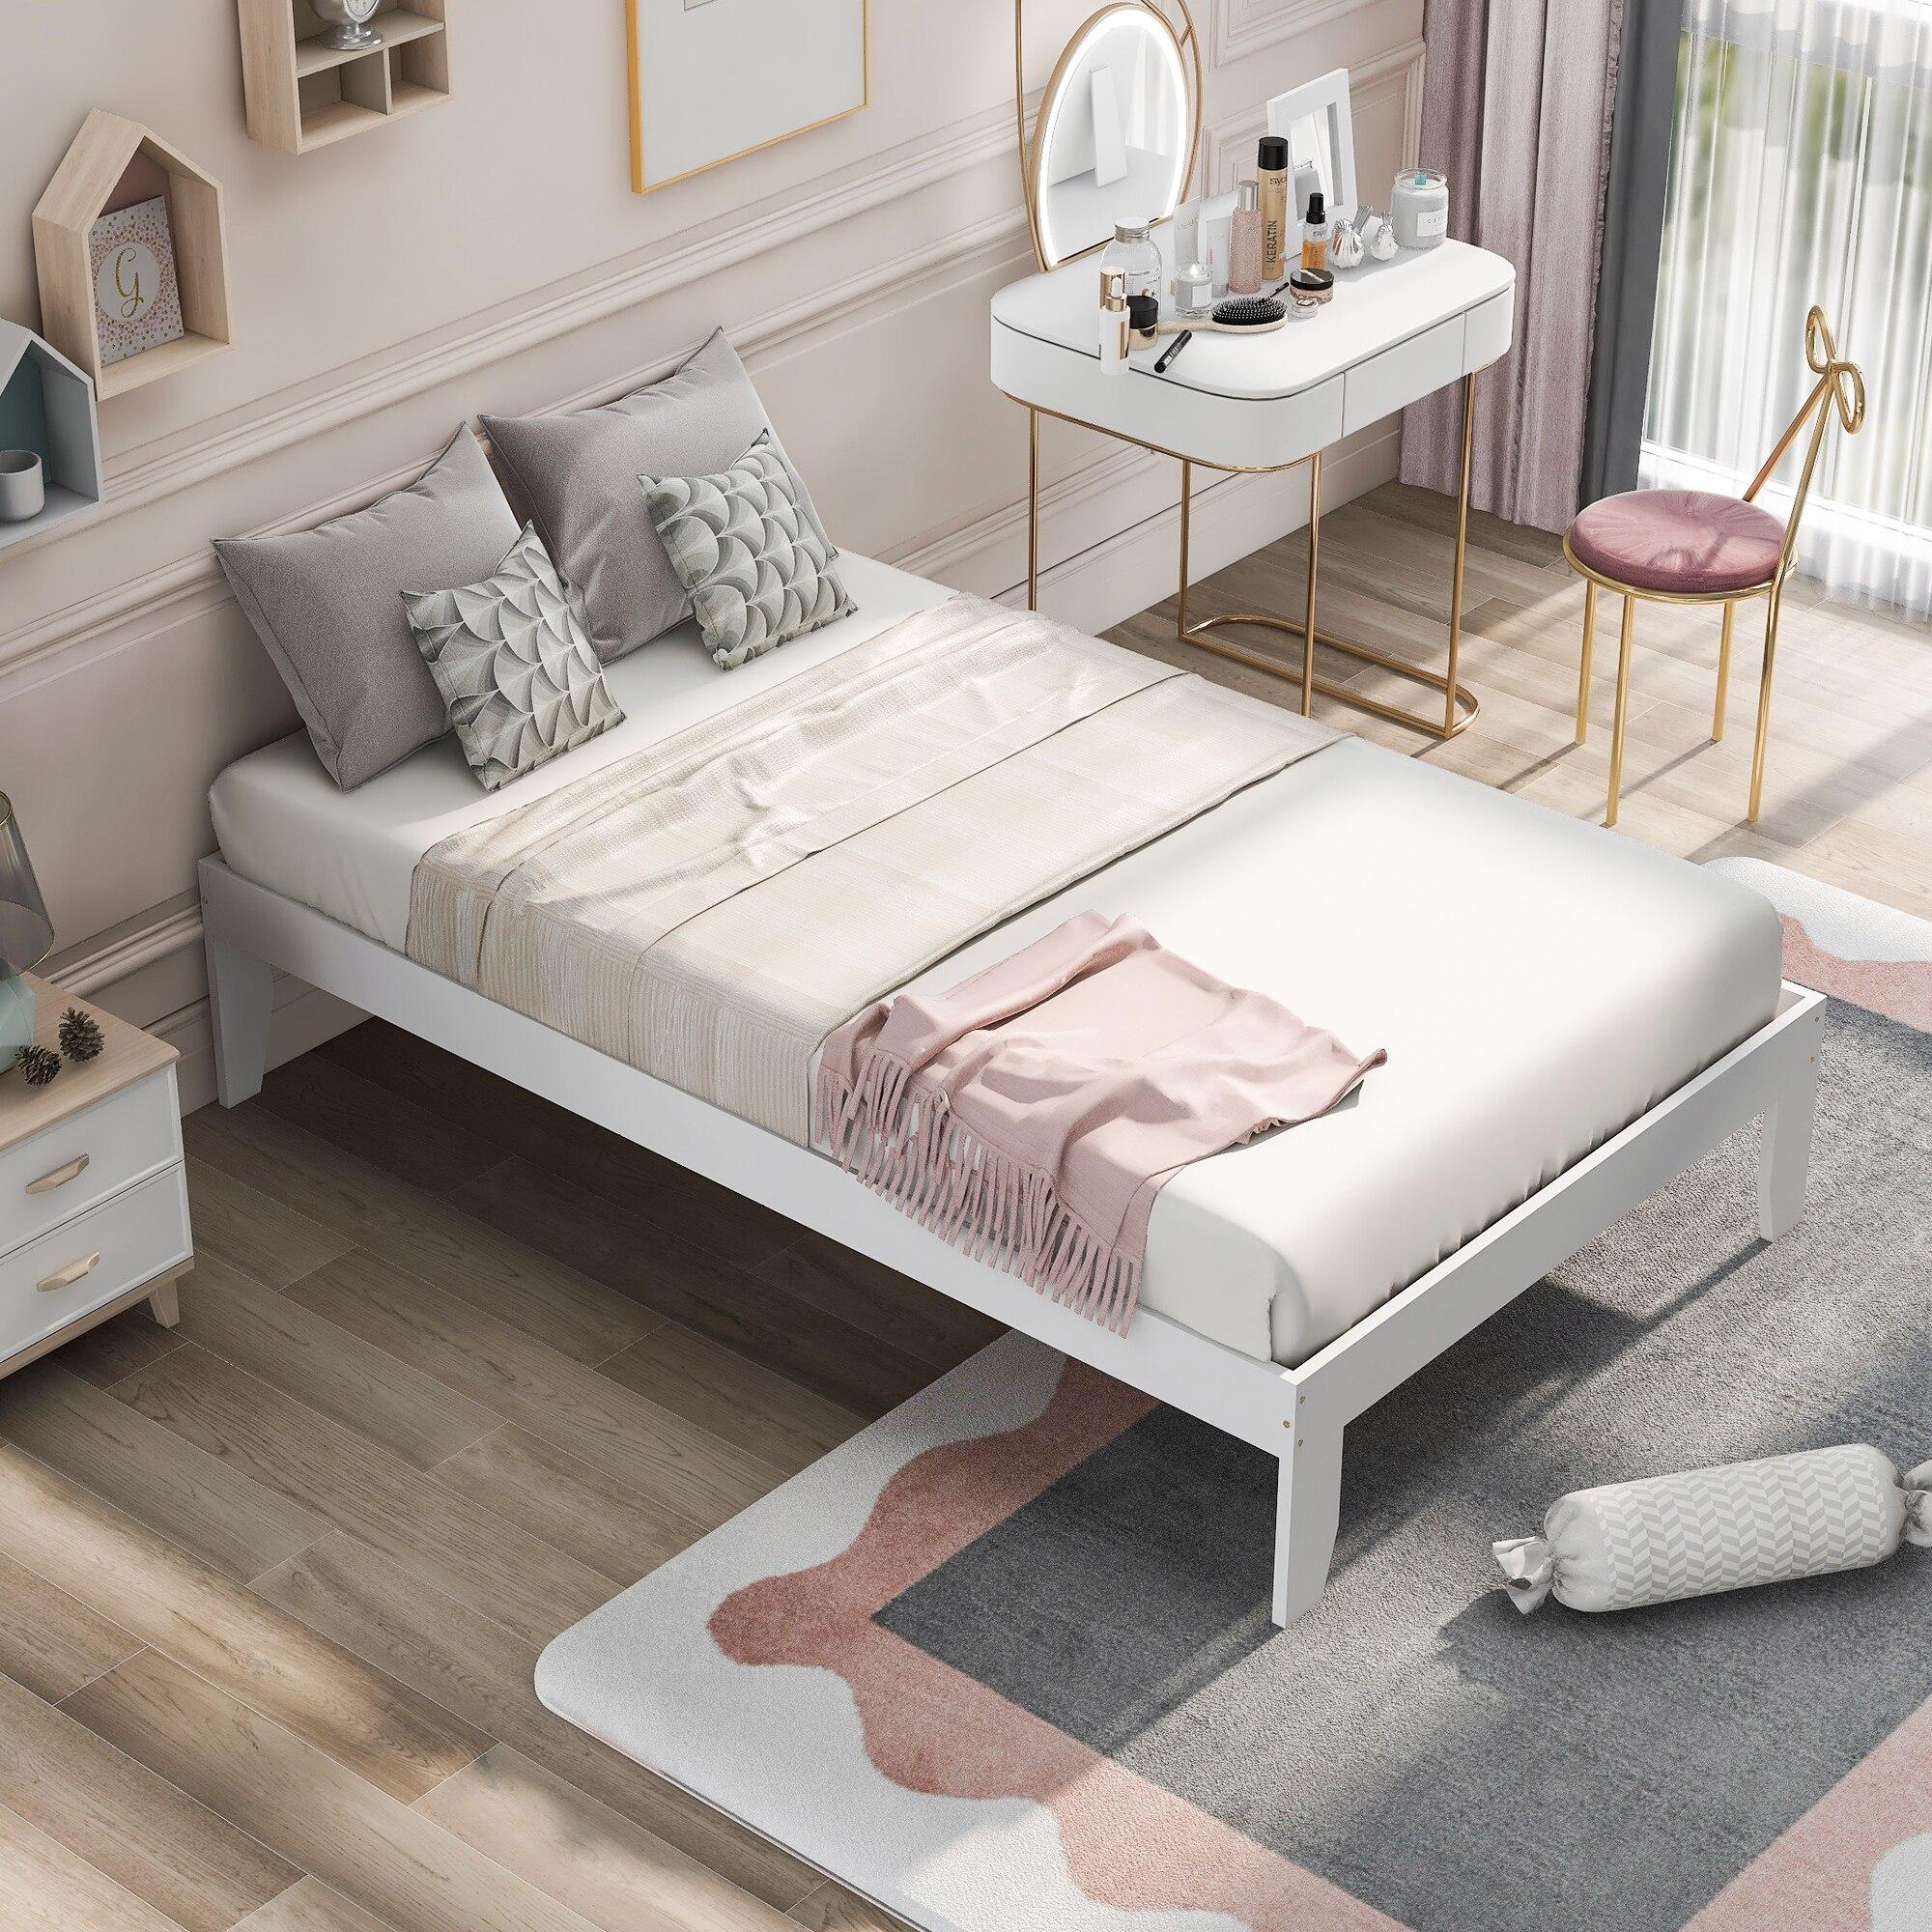 Рамка для кровати в скандинавском стиле с сосновой древесиной без пружины, двойная платформа, рамка для кровати, мебель для спальни недорого